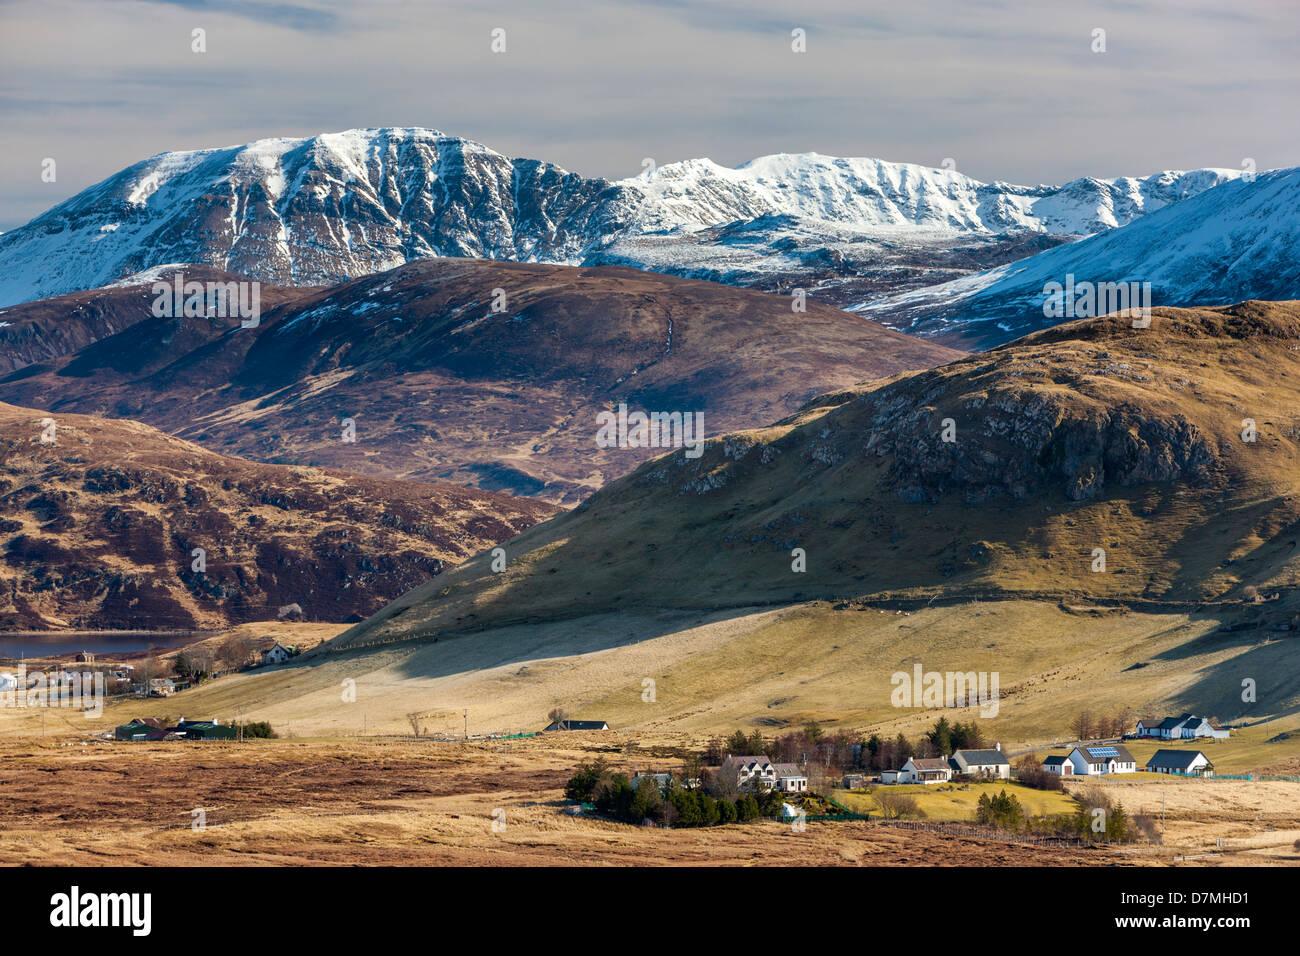 Una vista hacia Elphin (crofting Ailbhinn) un township en Assynt, Sutherland, en el noroeste de Escocia, Reino Unido, Europa. Foto de stock